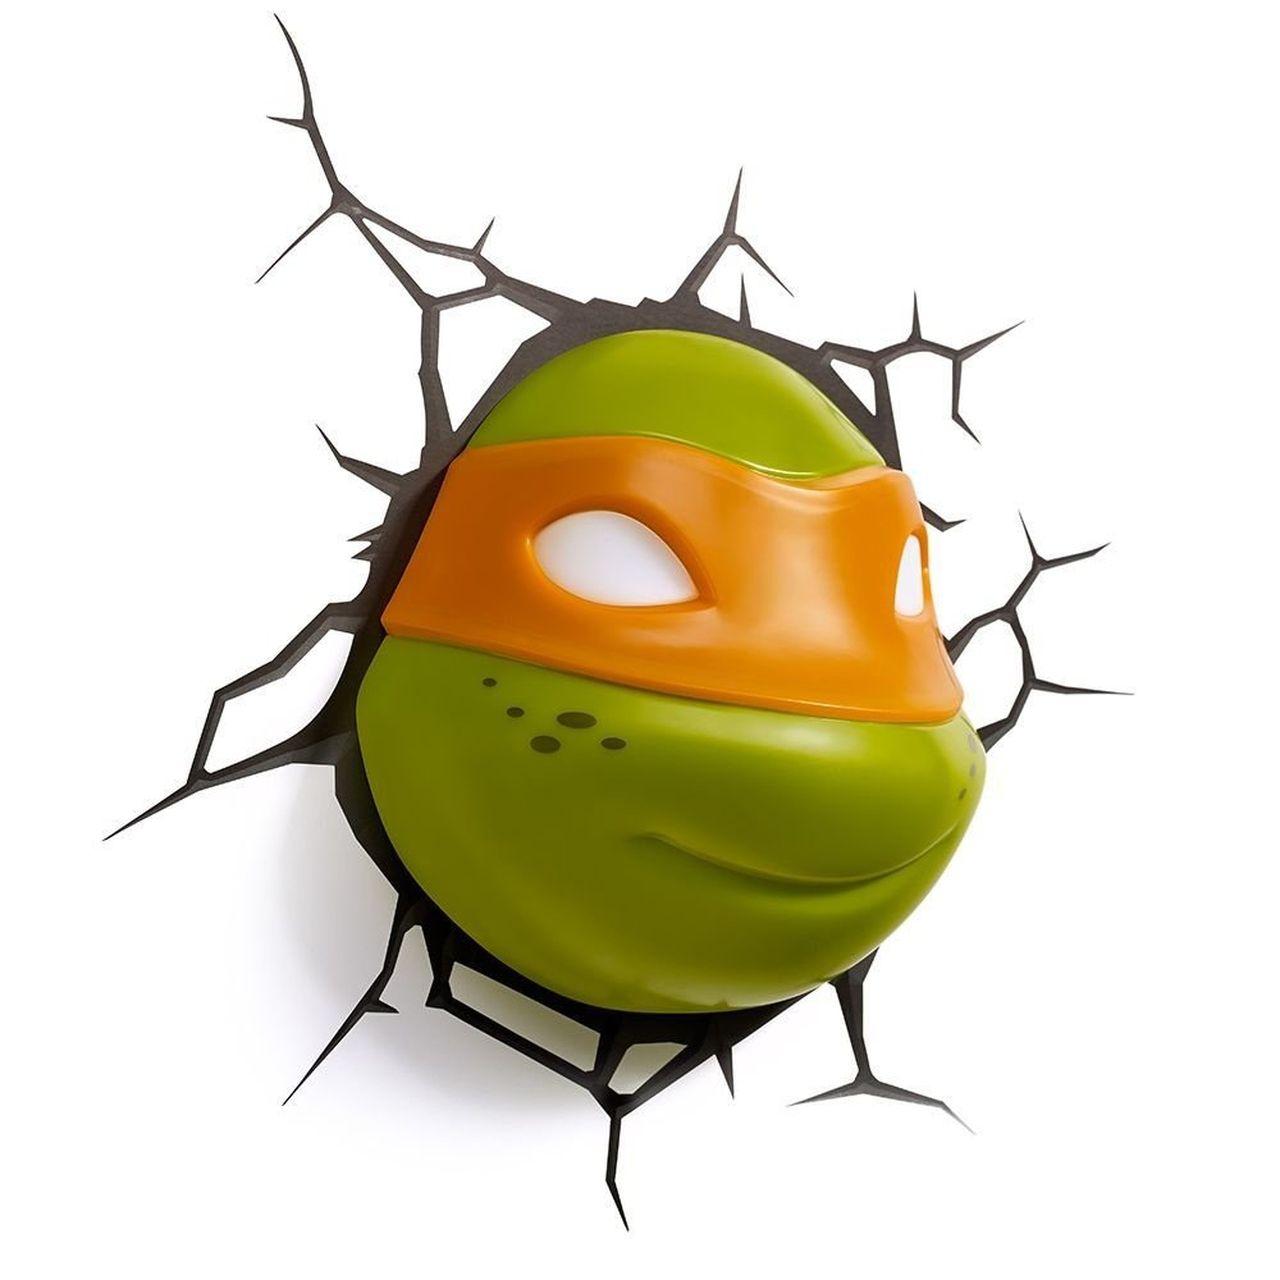 Luminária 3D Rosto do Michelangelo: As Tartarugas Ninja (Teenage Mutant Ninja Turtles) Light FX